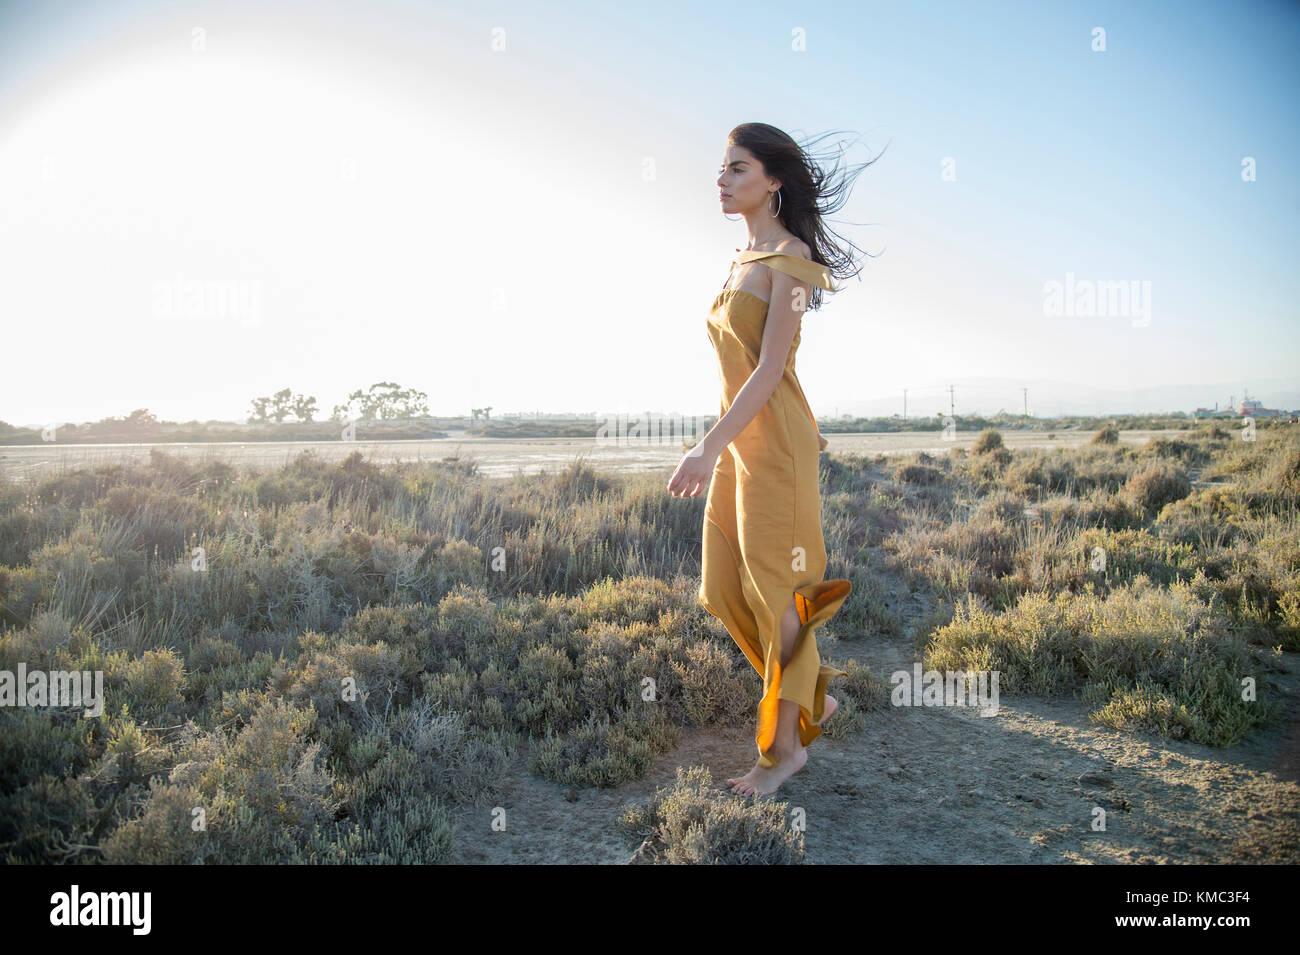 Sognare Di Camminare Scalzi giovane donna camminare a piedi scalzi da soli in natura